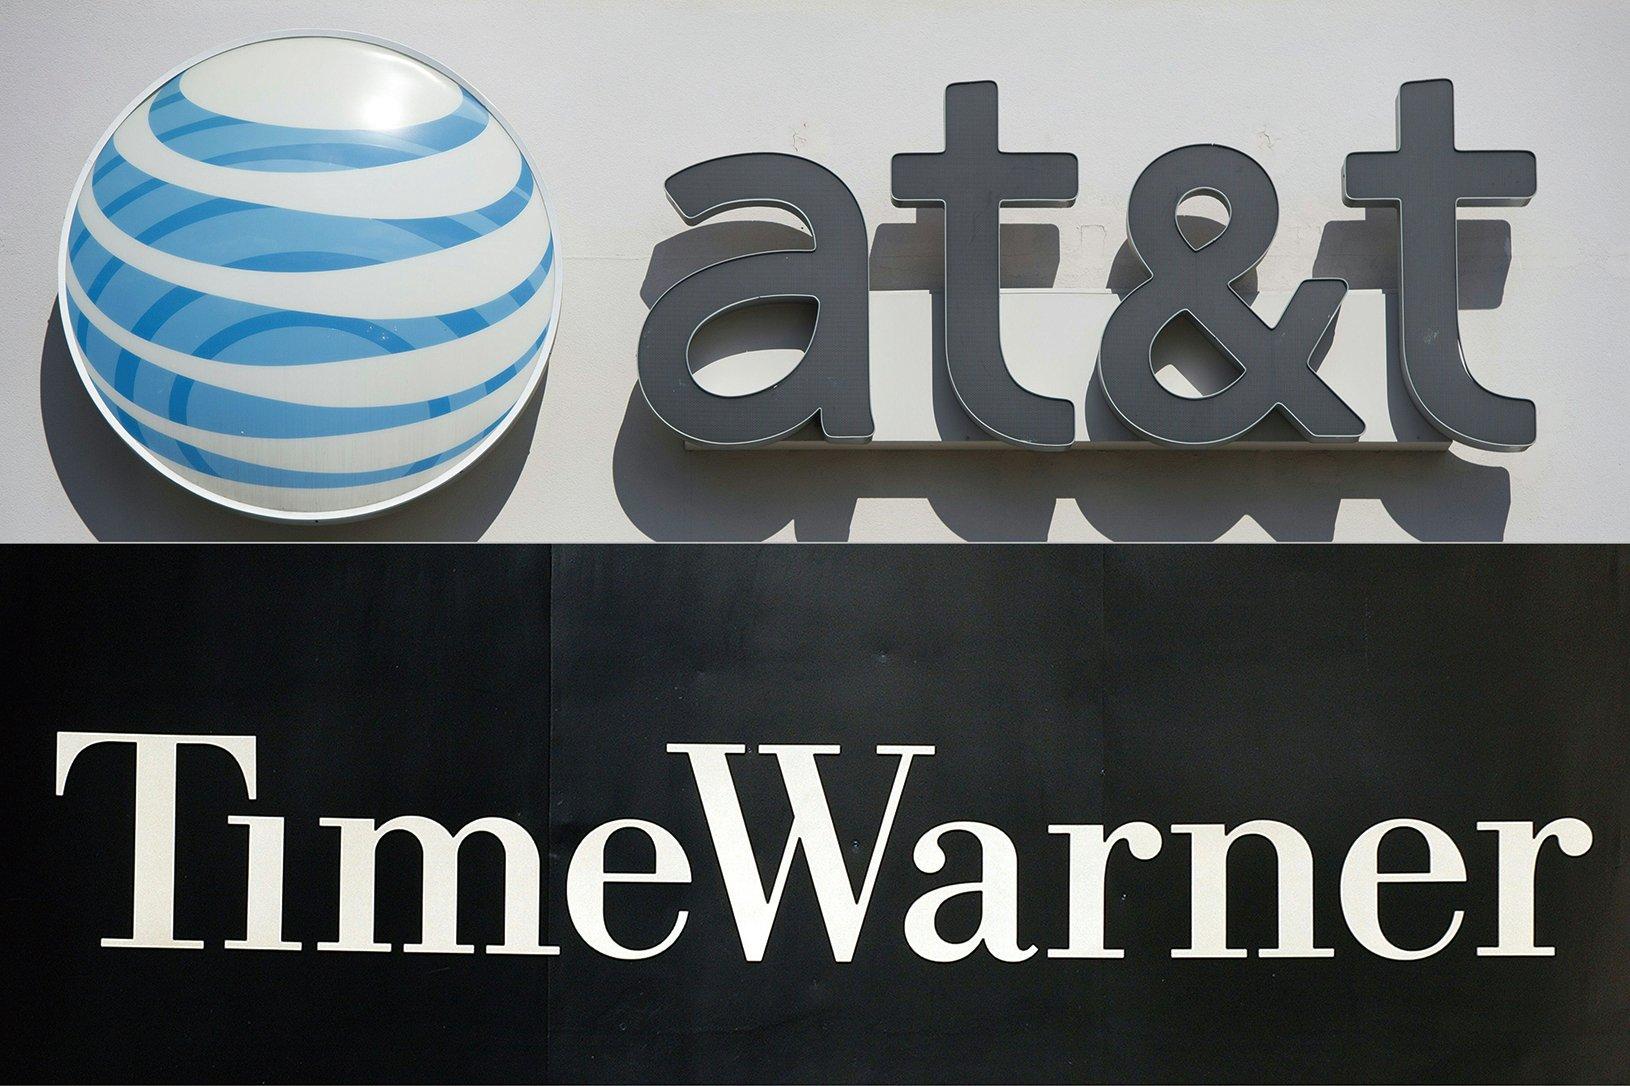 10月22日晚,AT&T和傳媒巨頭時代華納就一項850億美元的收購交易達成協議,這是有史以來最大的媒體聯合併購案之一。(AFP/Getty Images)